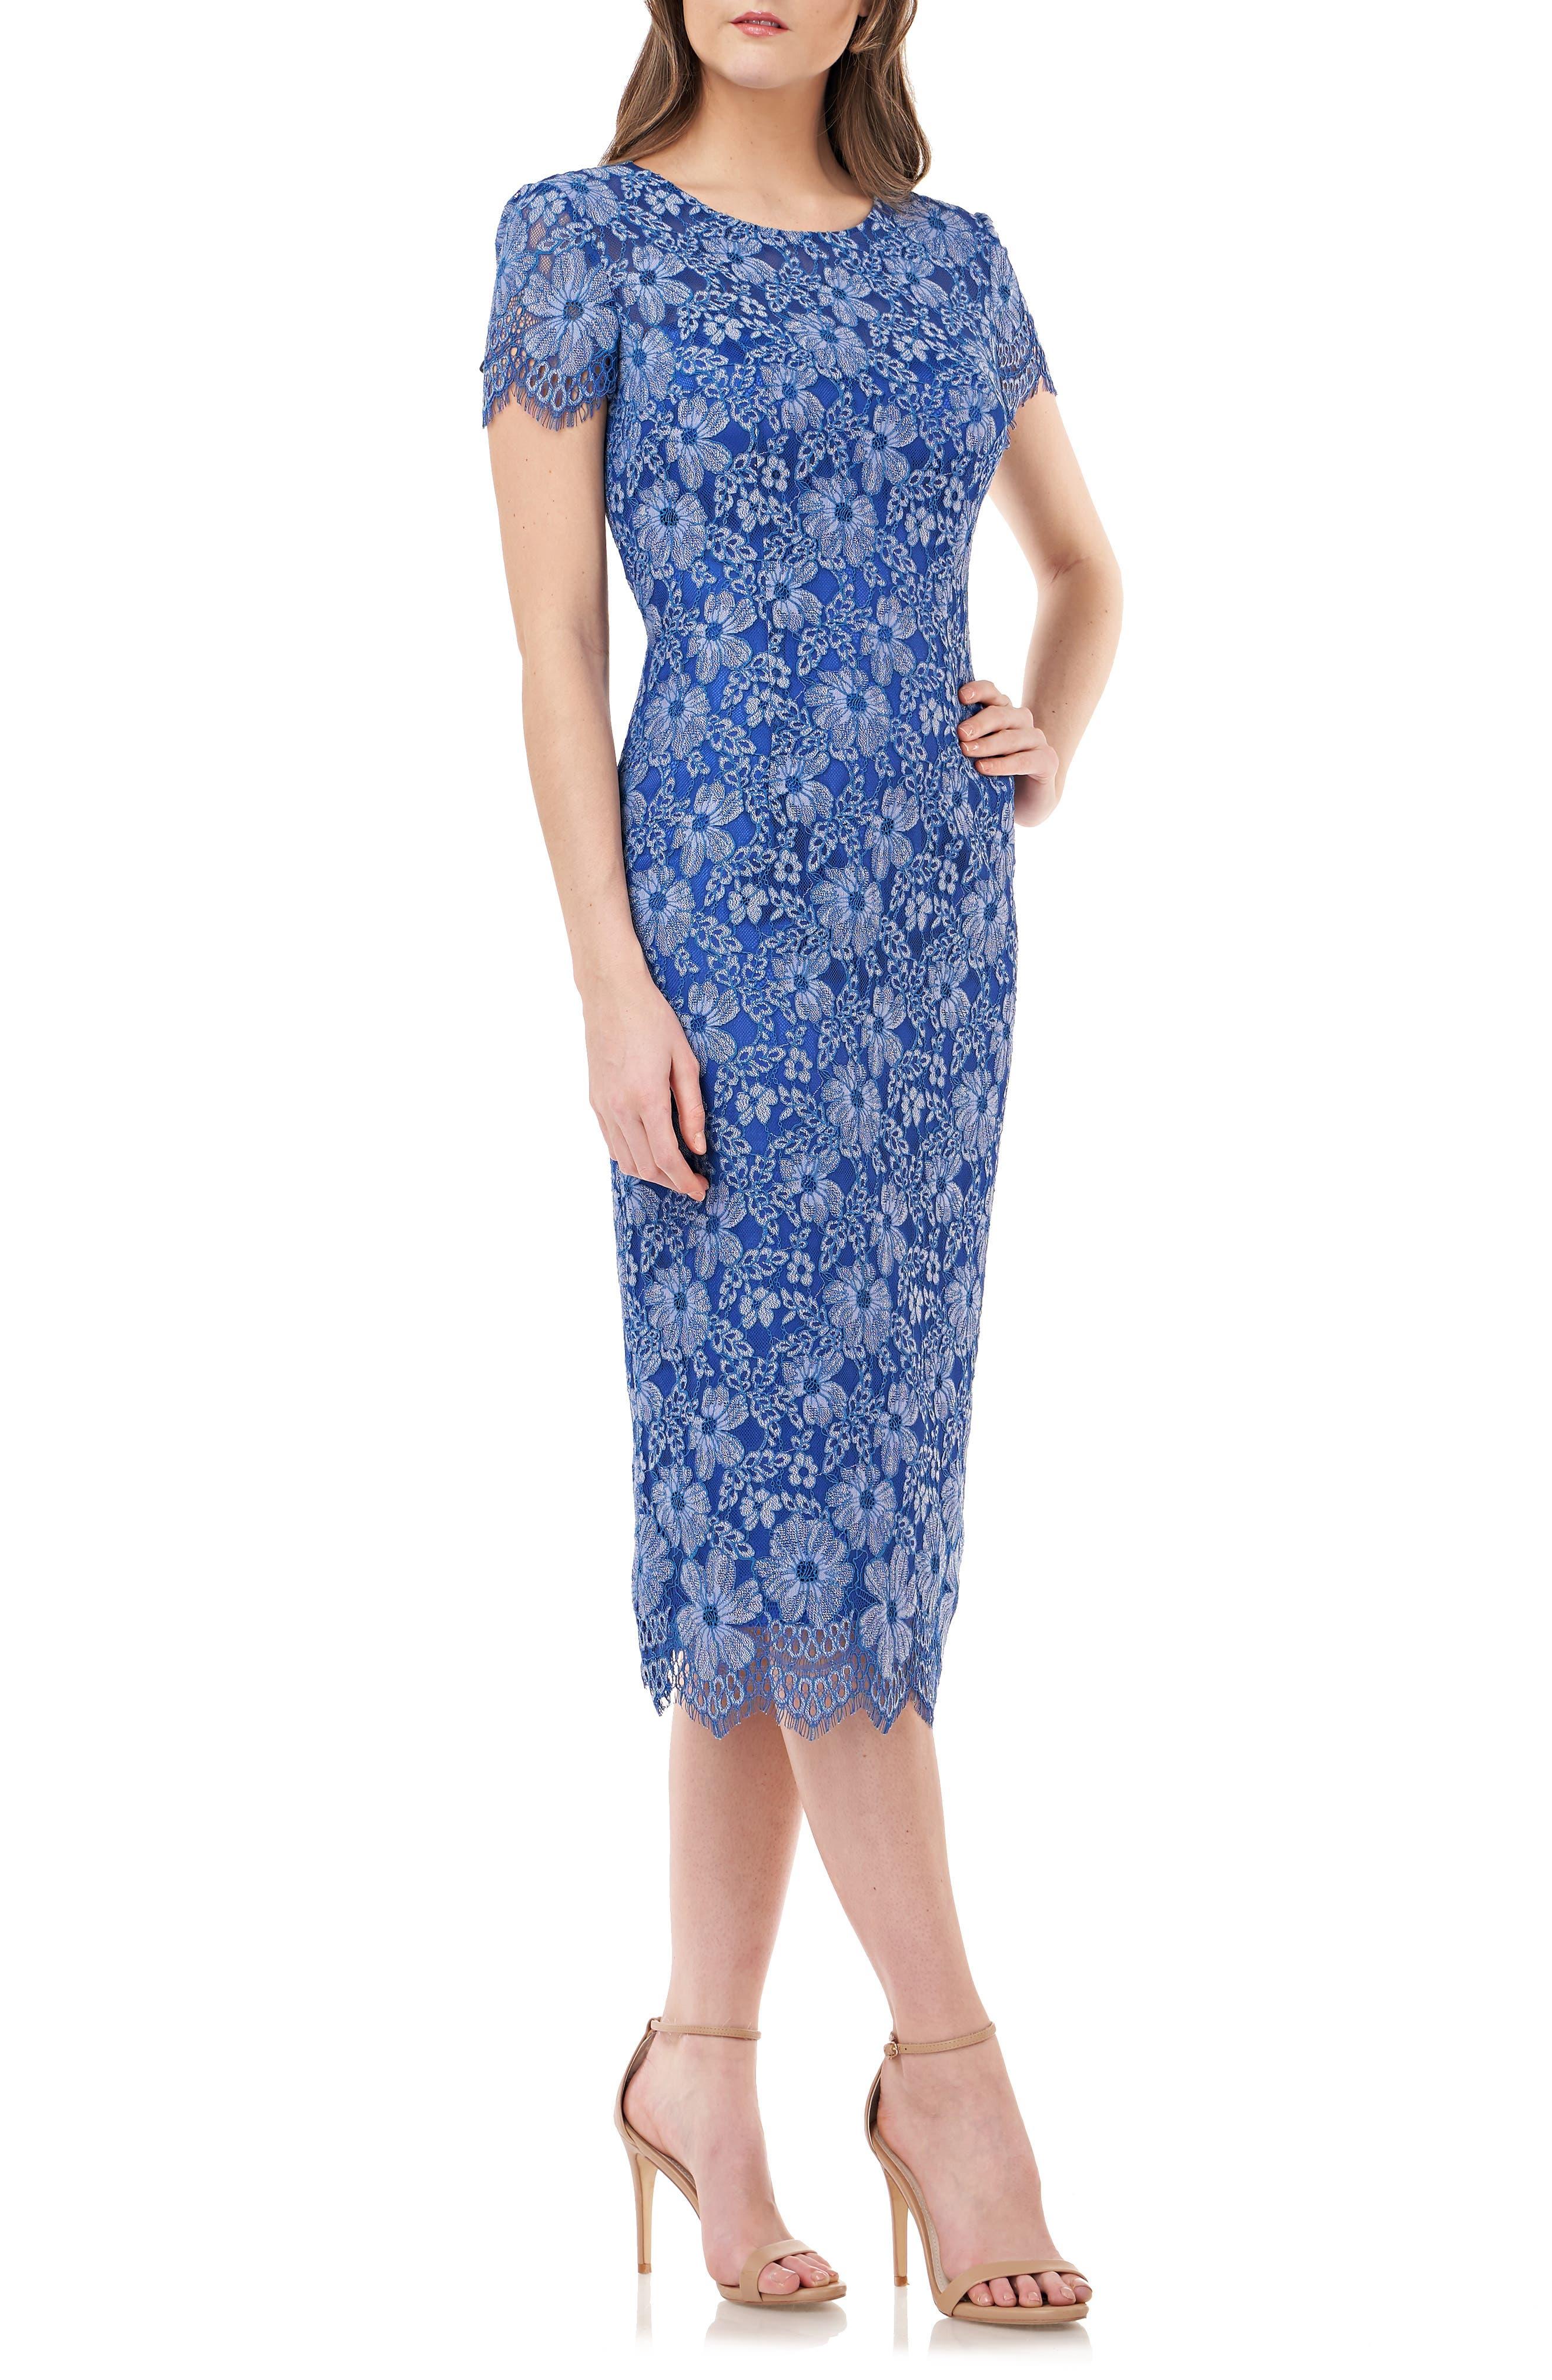 Js Collections Floral Lace Cocktail Dress, Blue